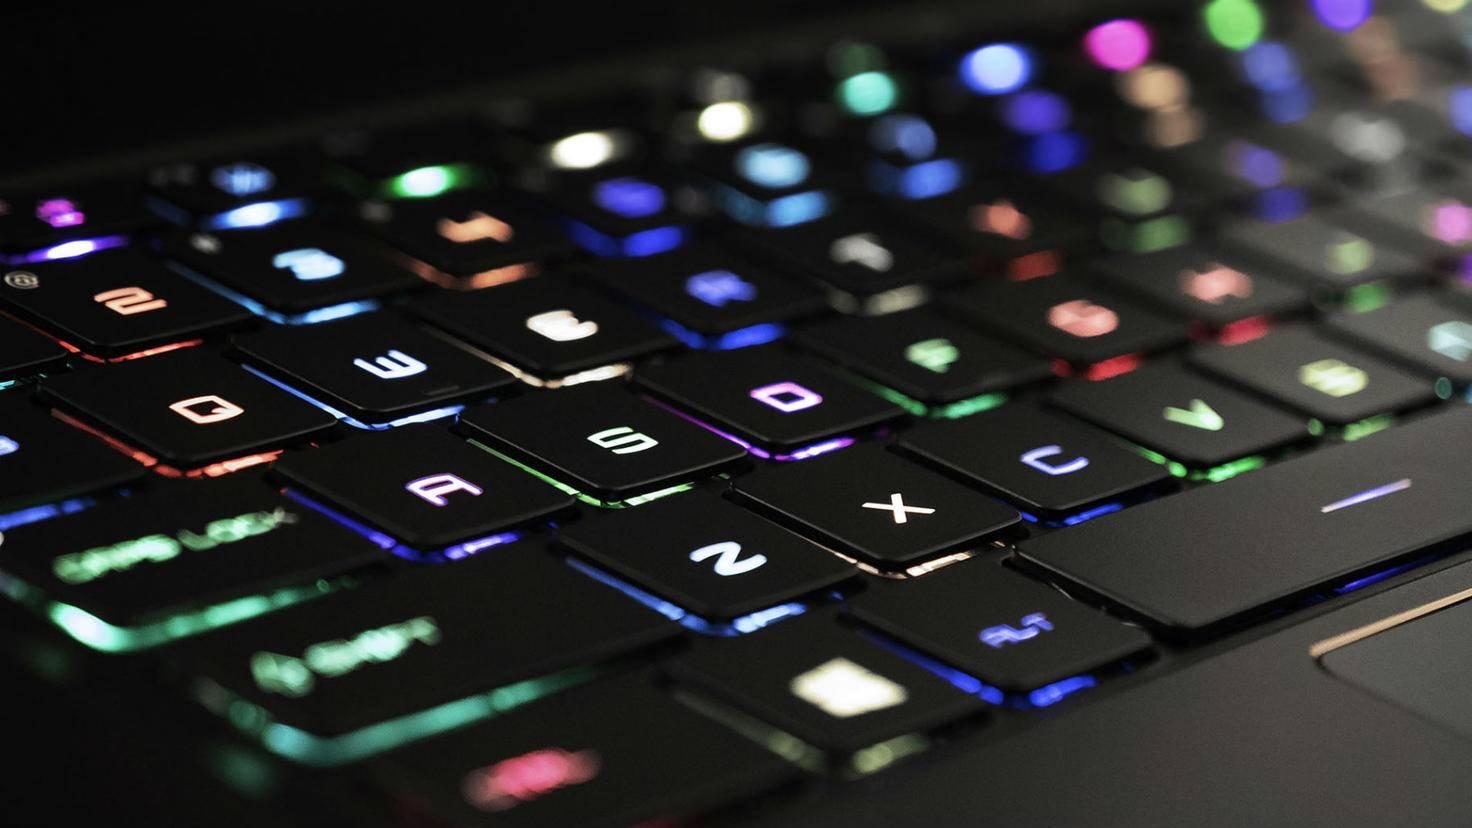 msi-gs65-gaming-laptop-12